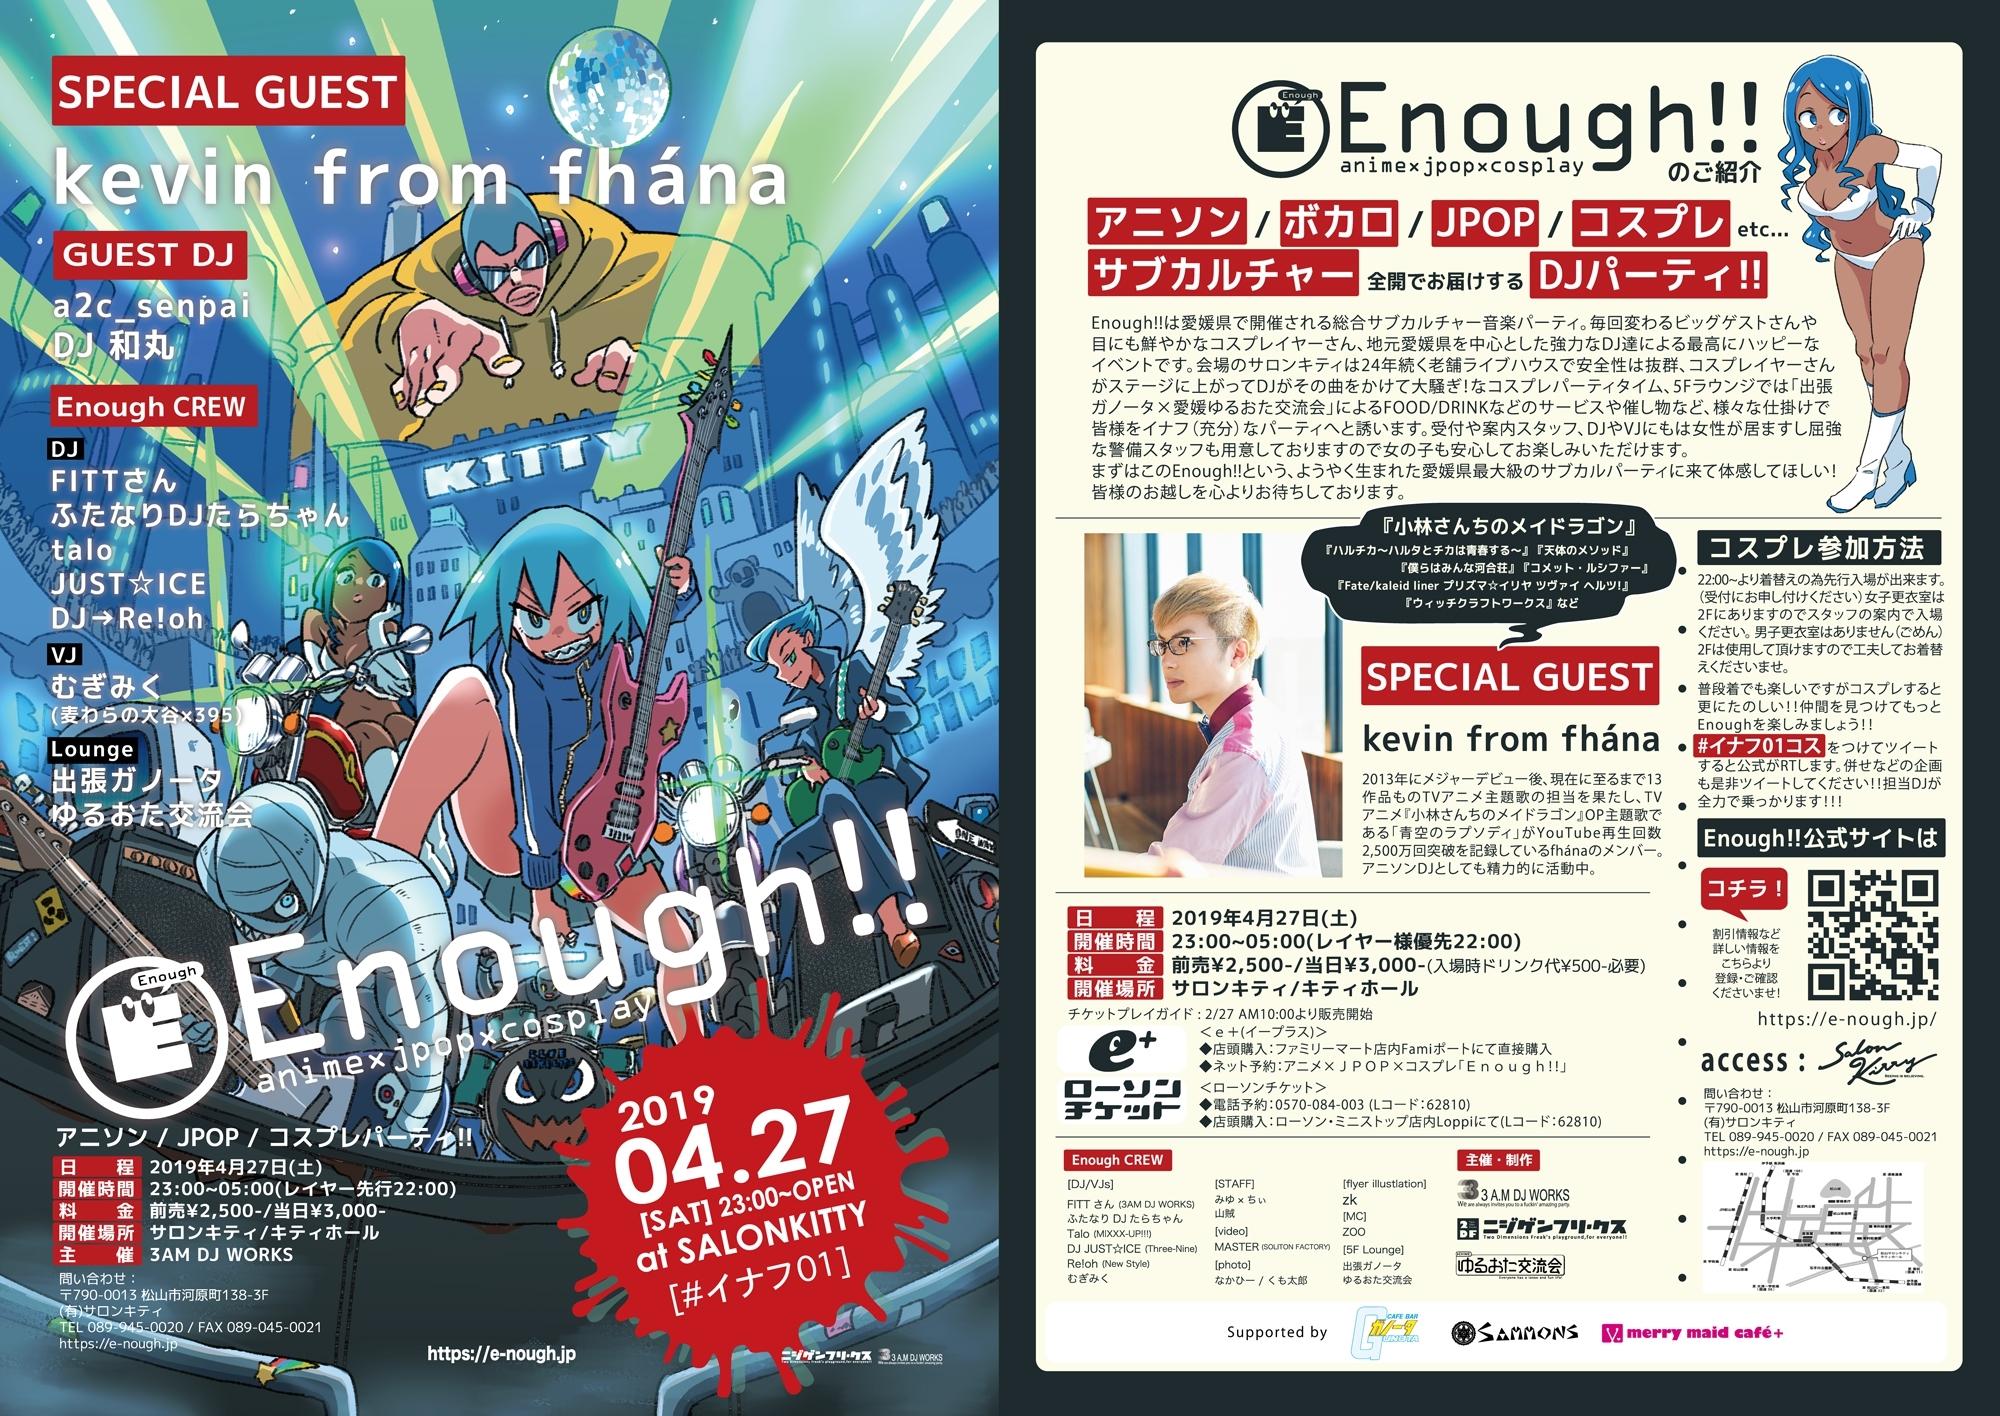 19_04_27_Enough